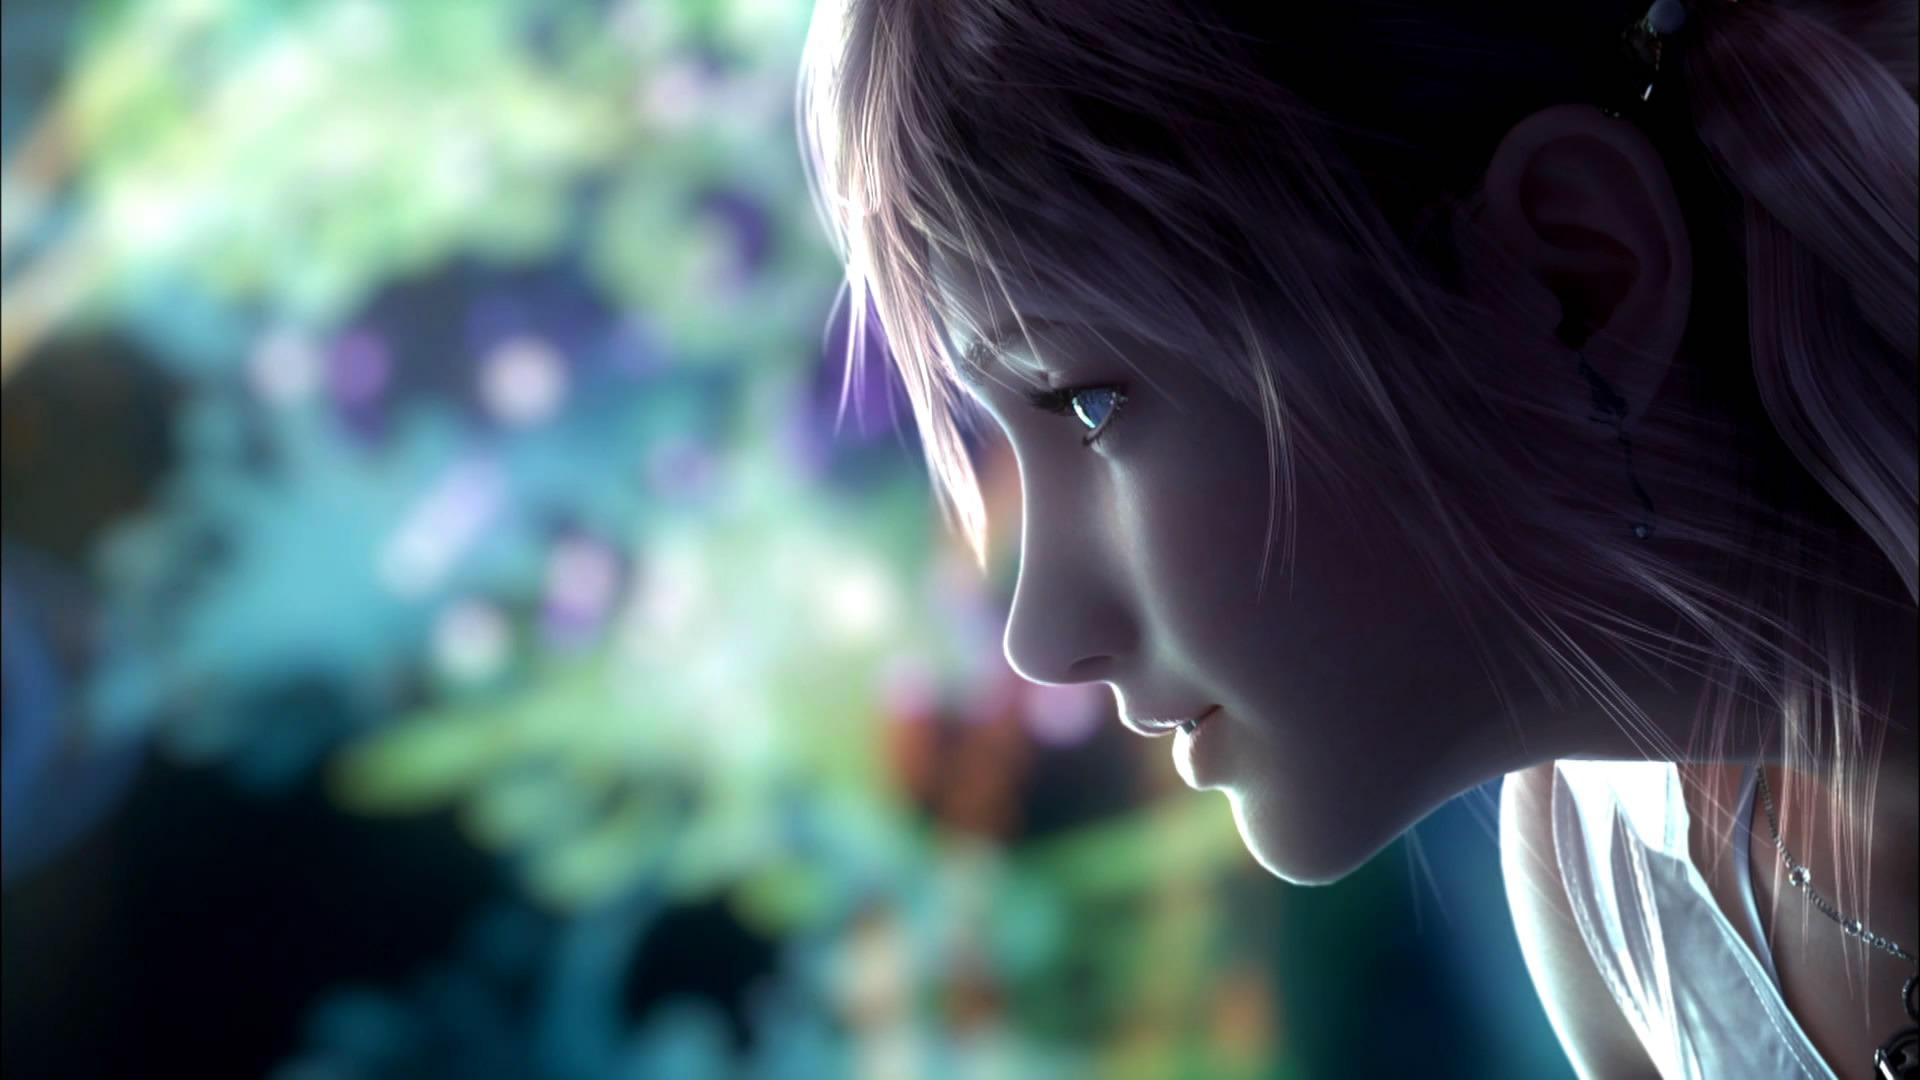 Final Fantasy Xiii Hd Wallpaper Zerochan Anime Image Board